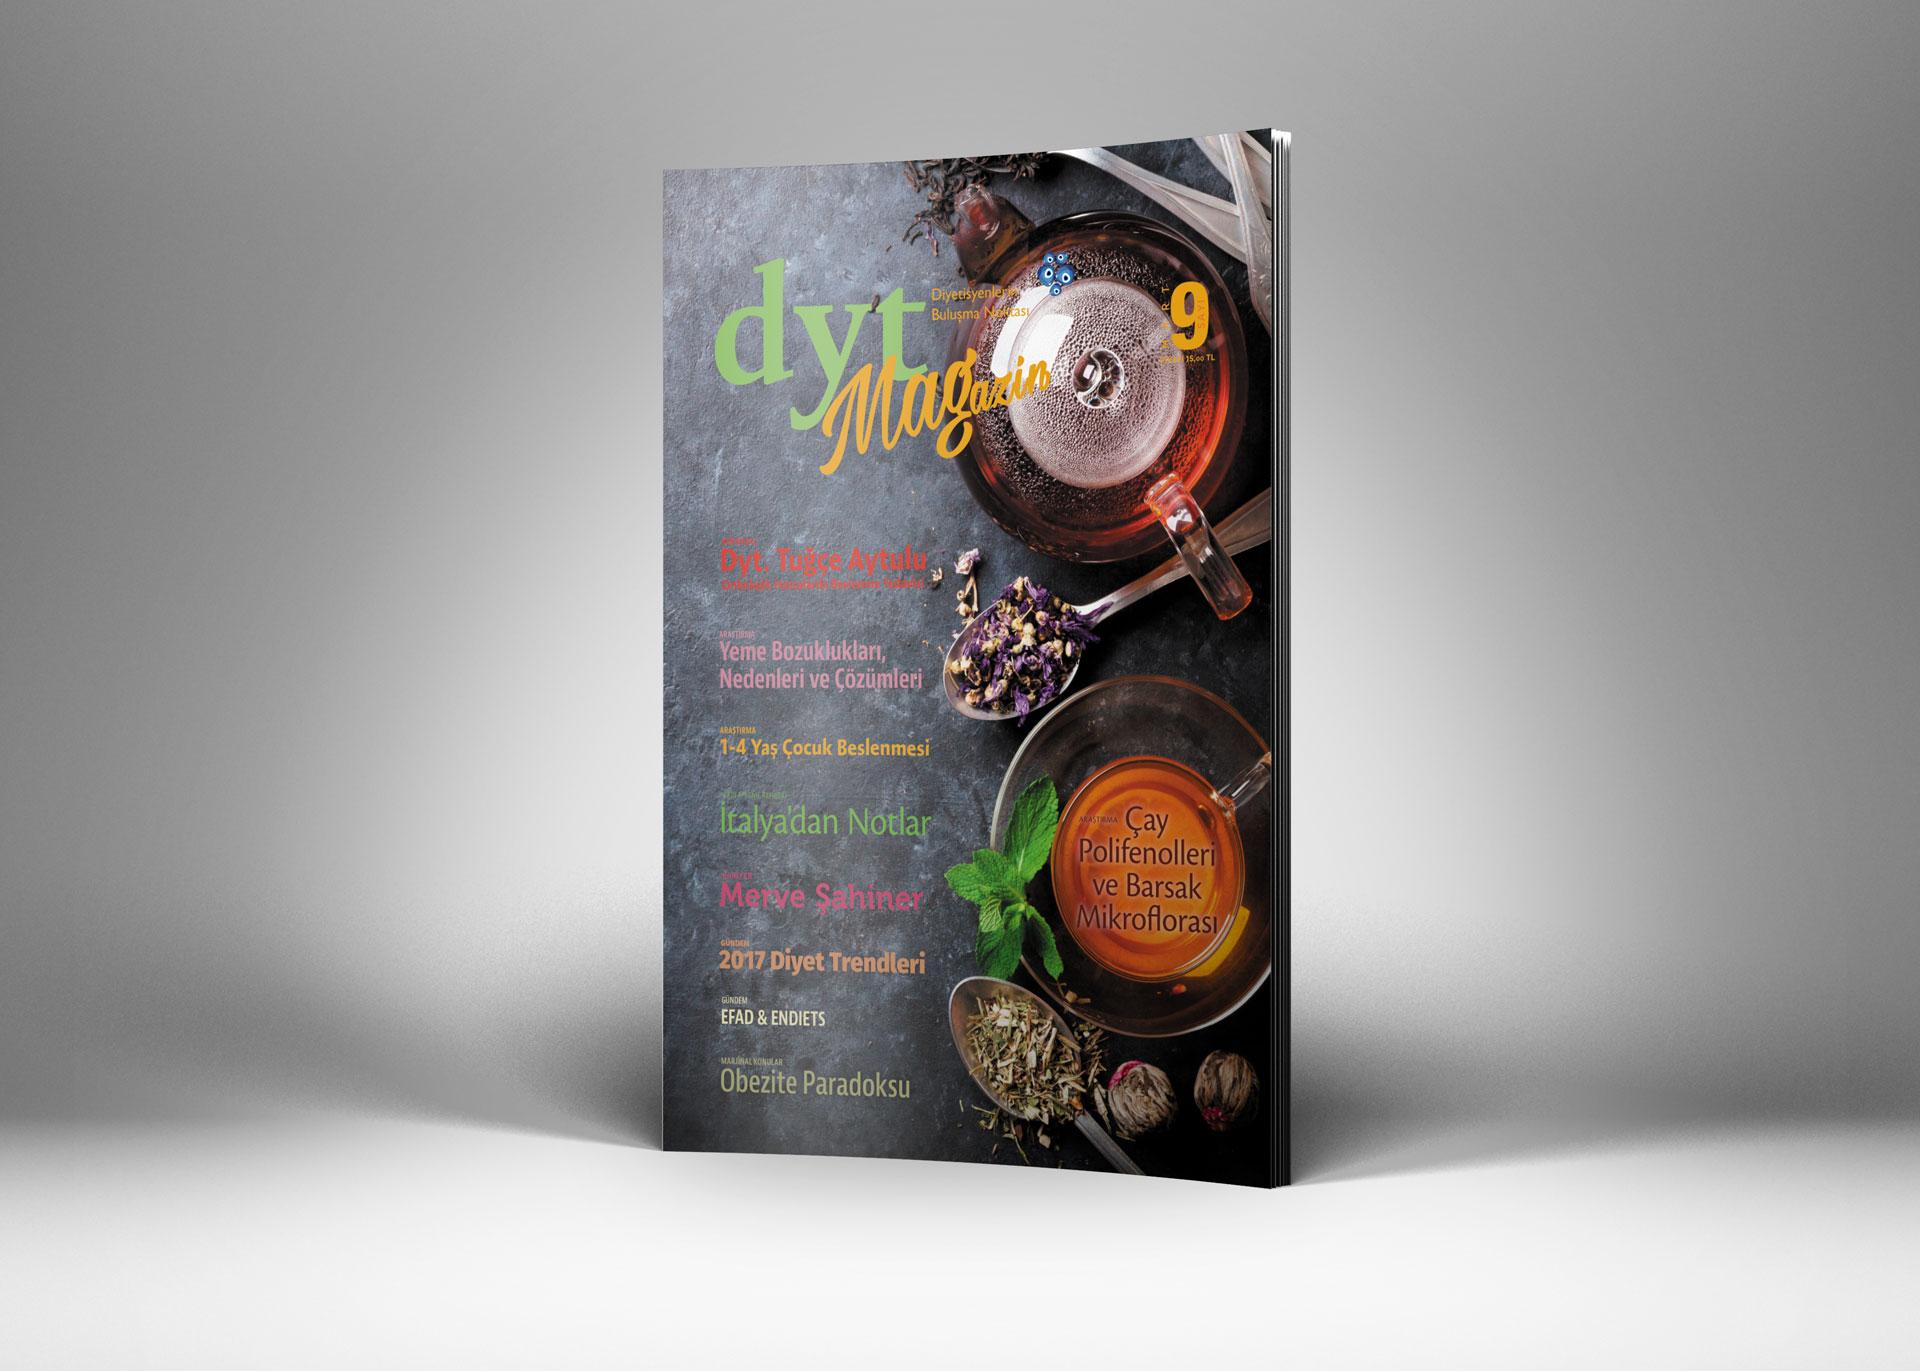 DytMagazin Dergi Tasarımı Sayı 9